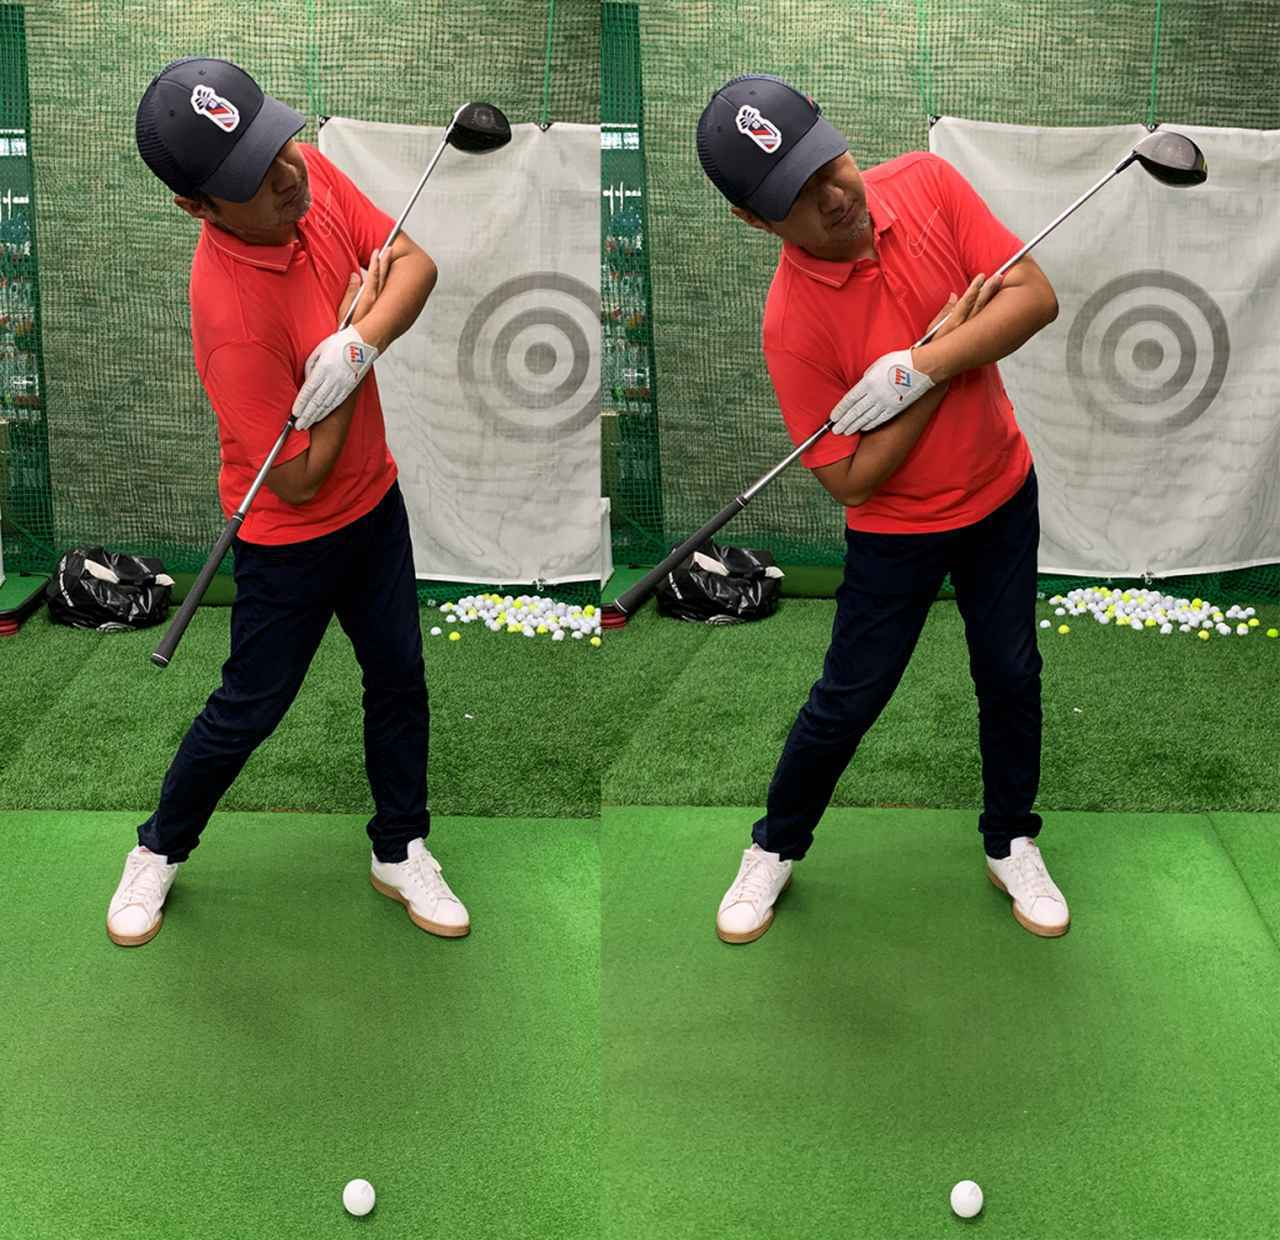 画像: 左のように肩のラインがボールを指すように回転してくるのがいいのですが、右のように上体が倒れすぎて肩のラインがボールの手前を指してはダメ